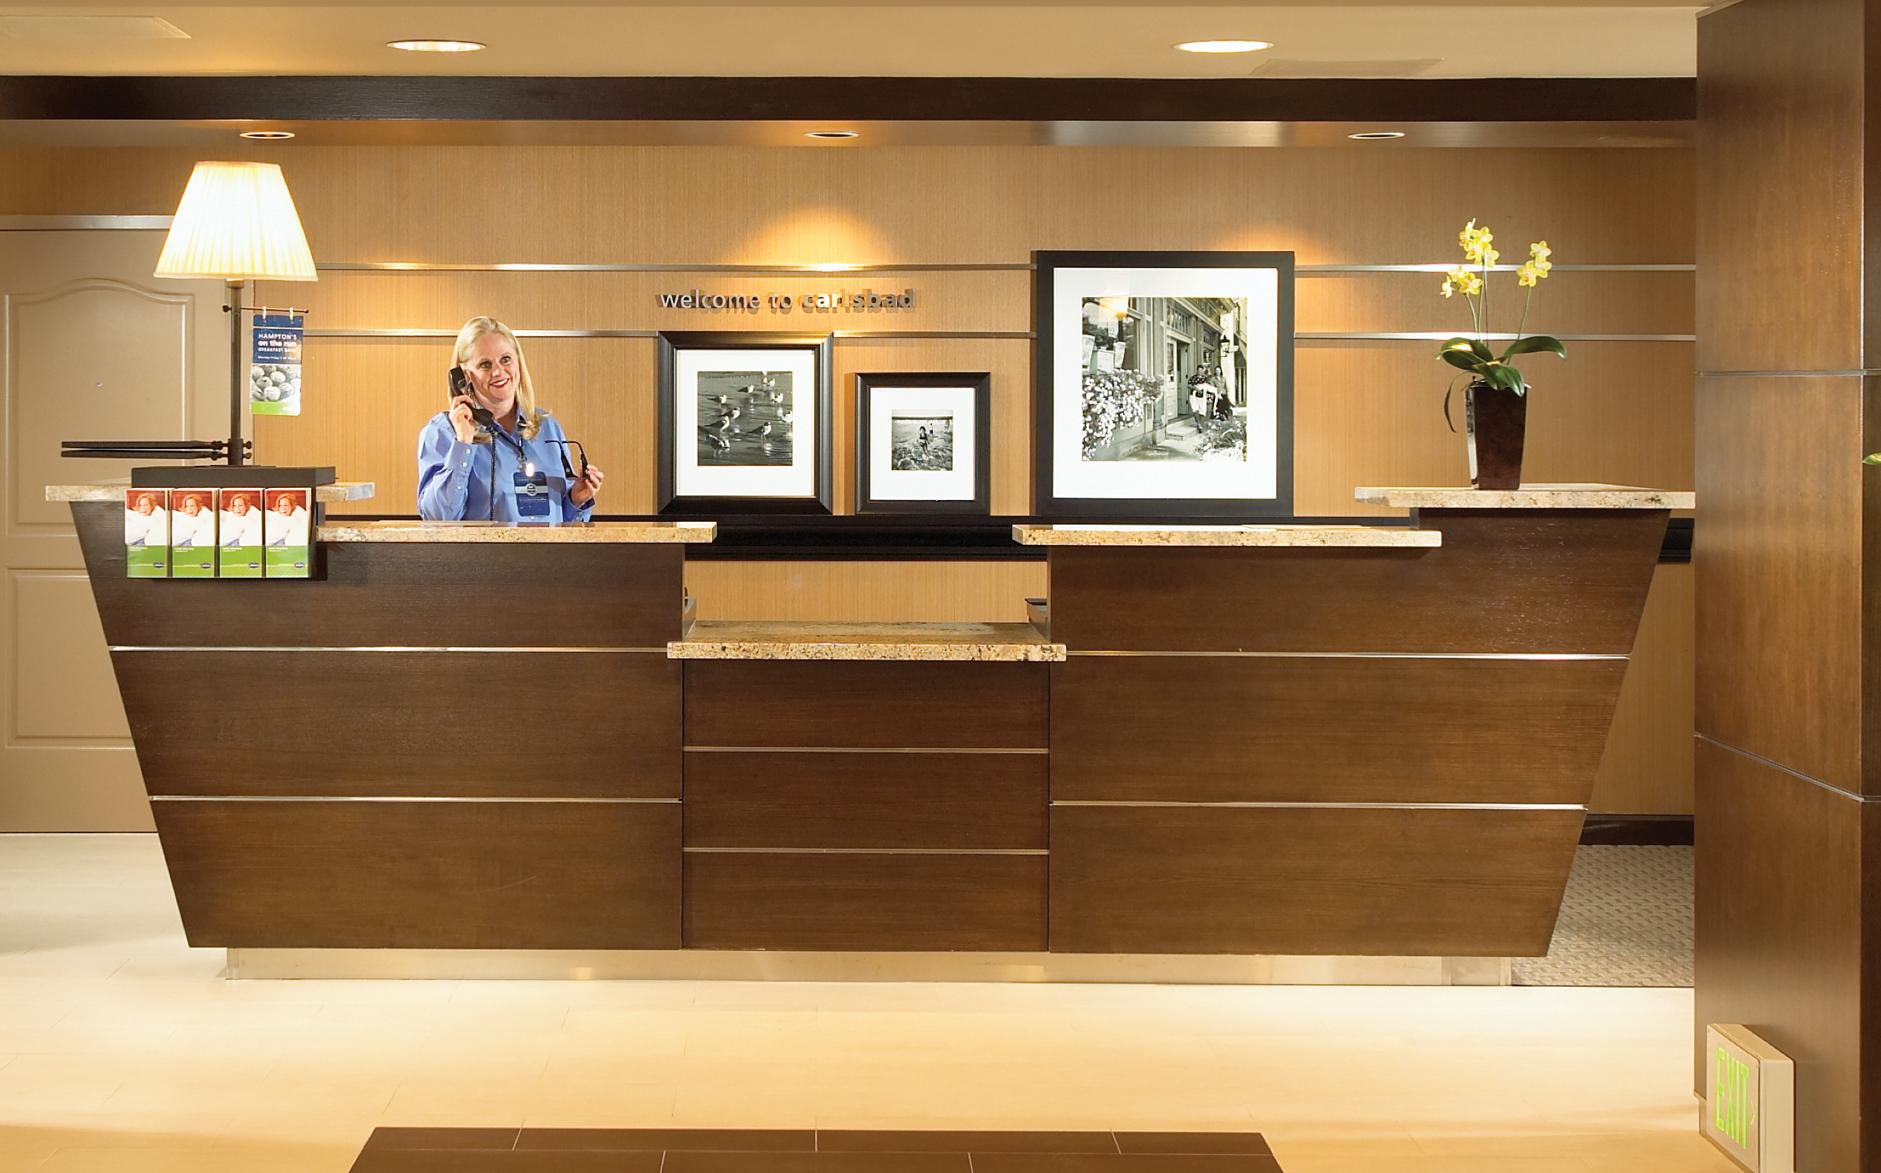 gallery desc